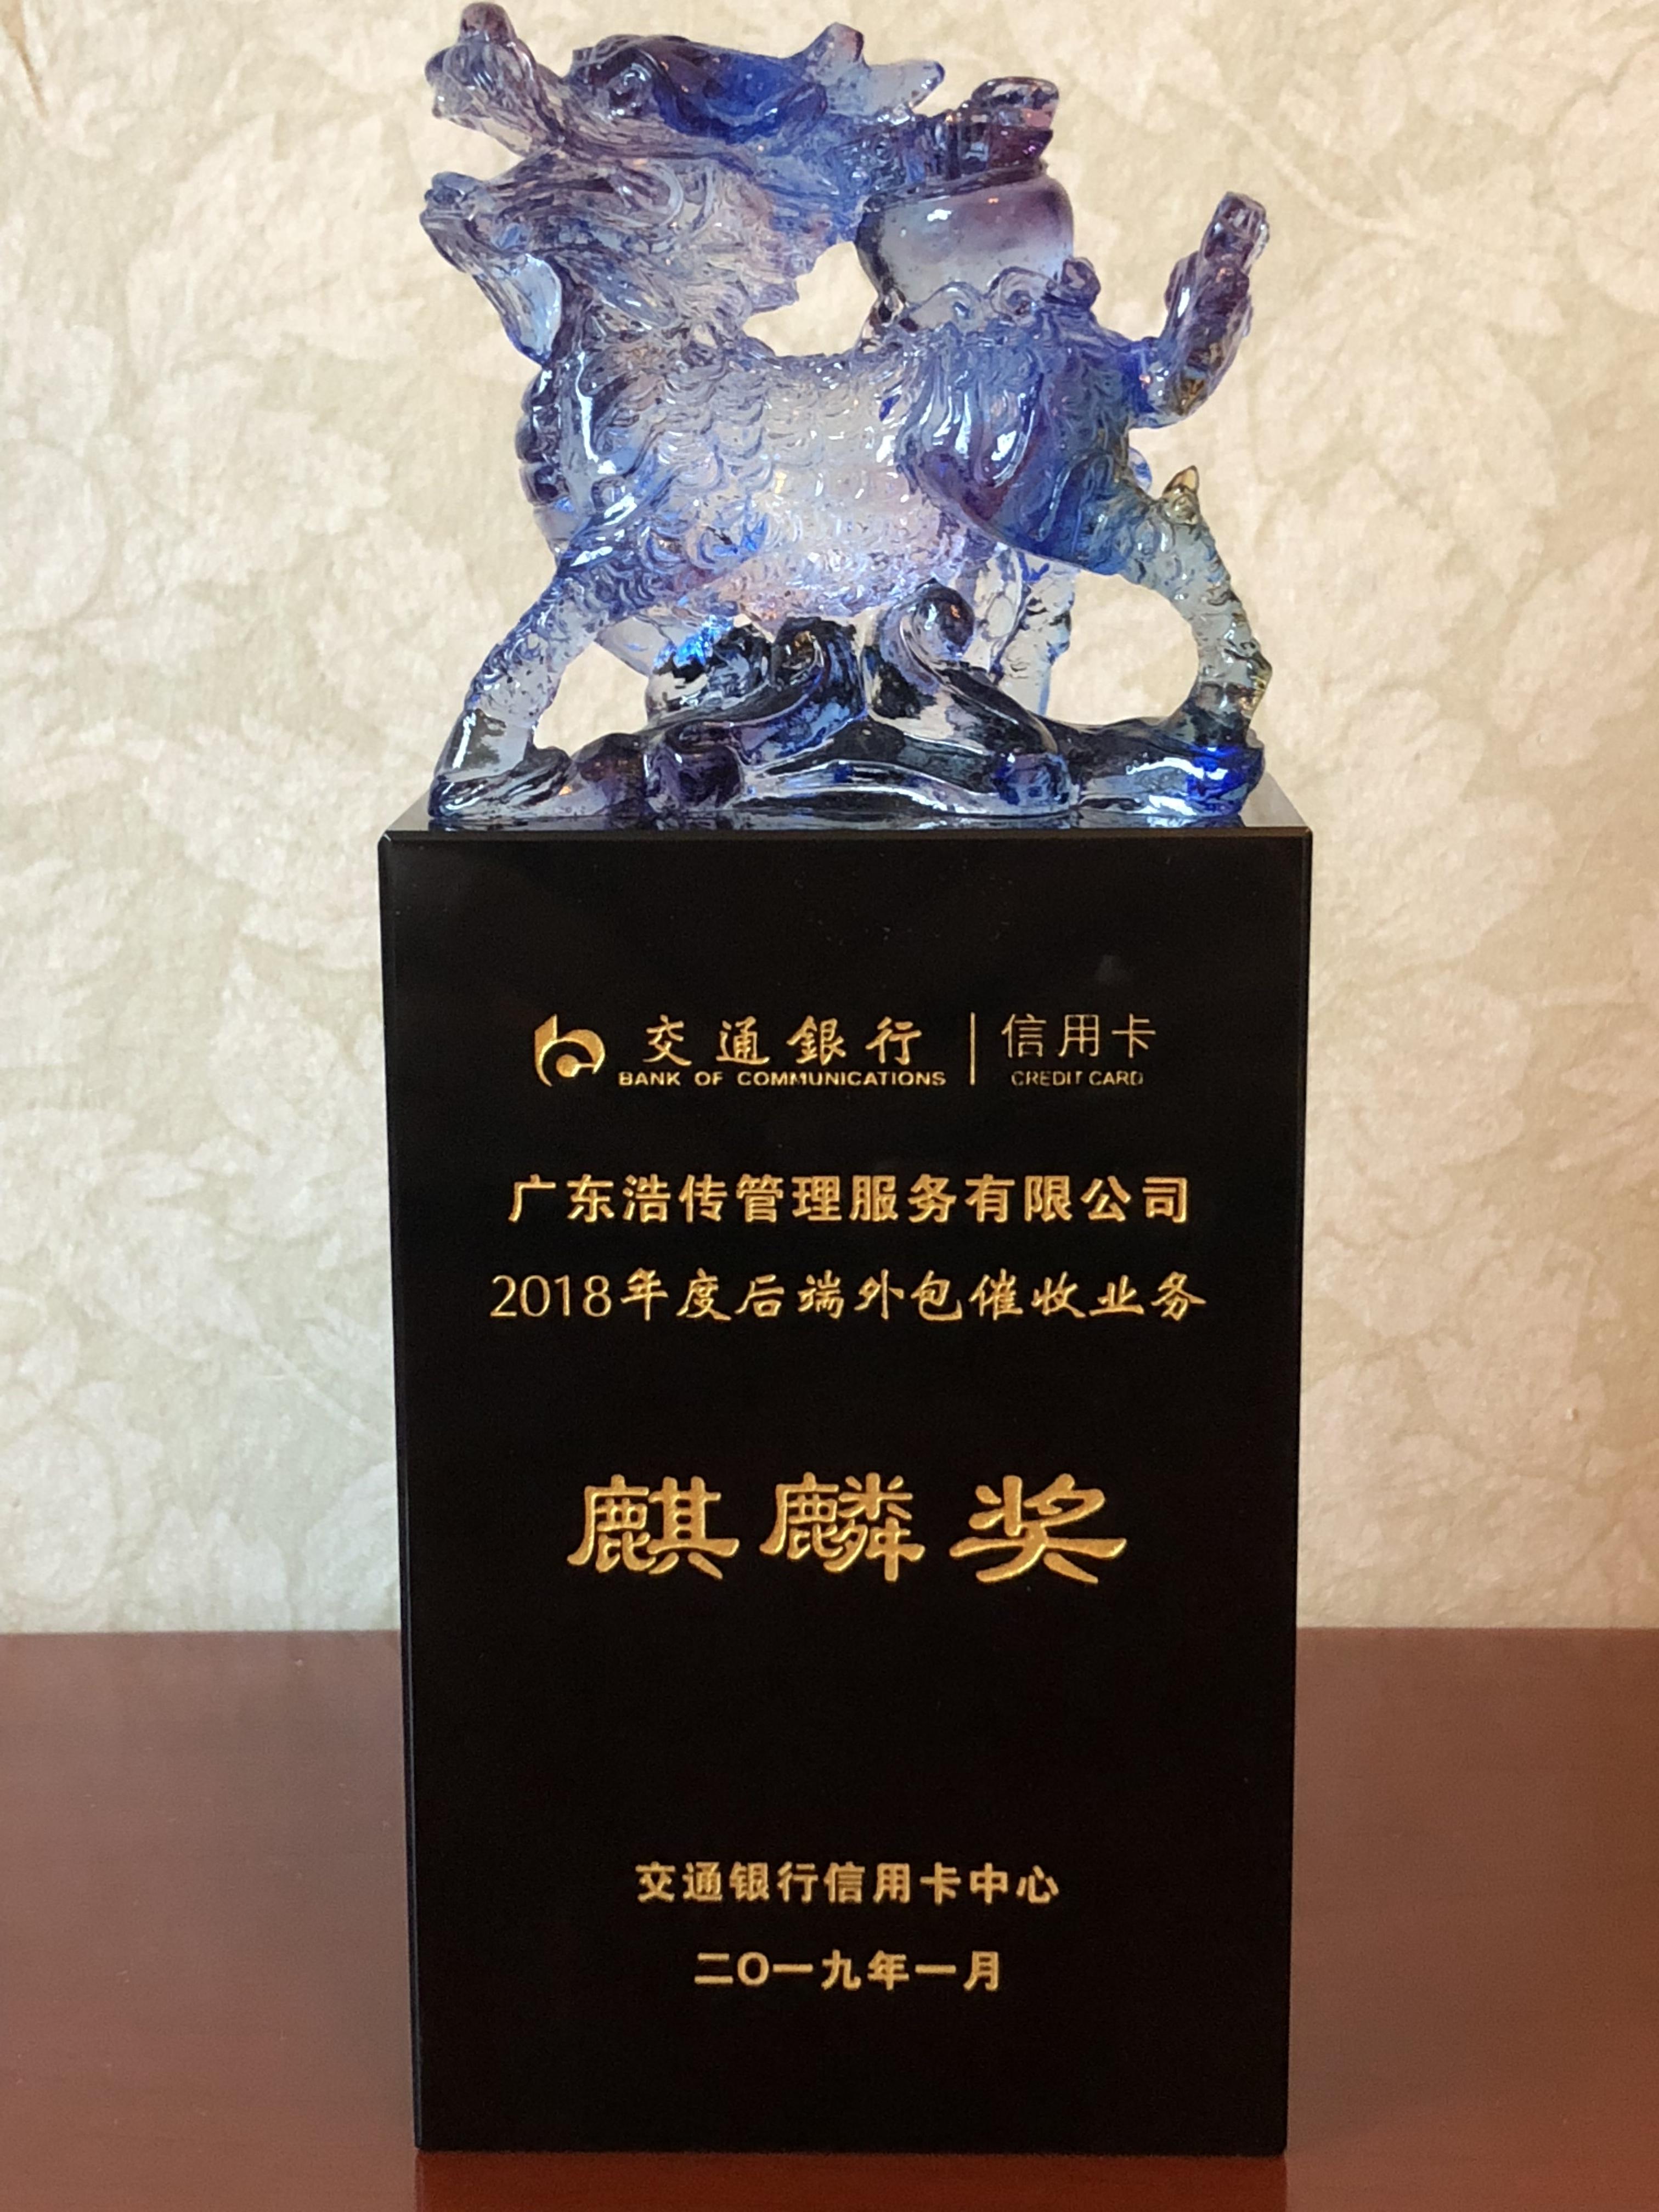 交通銀行2018年度麒麟獎